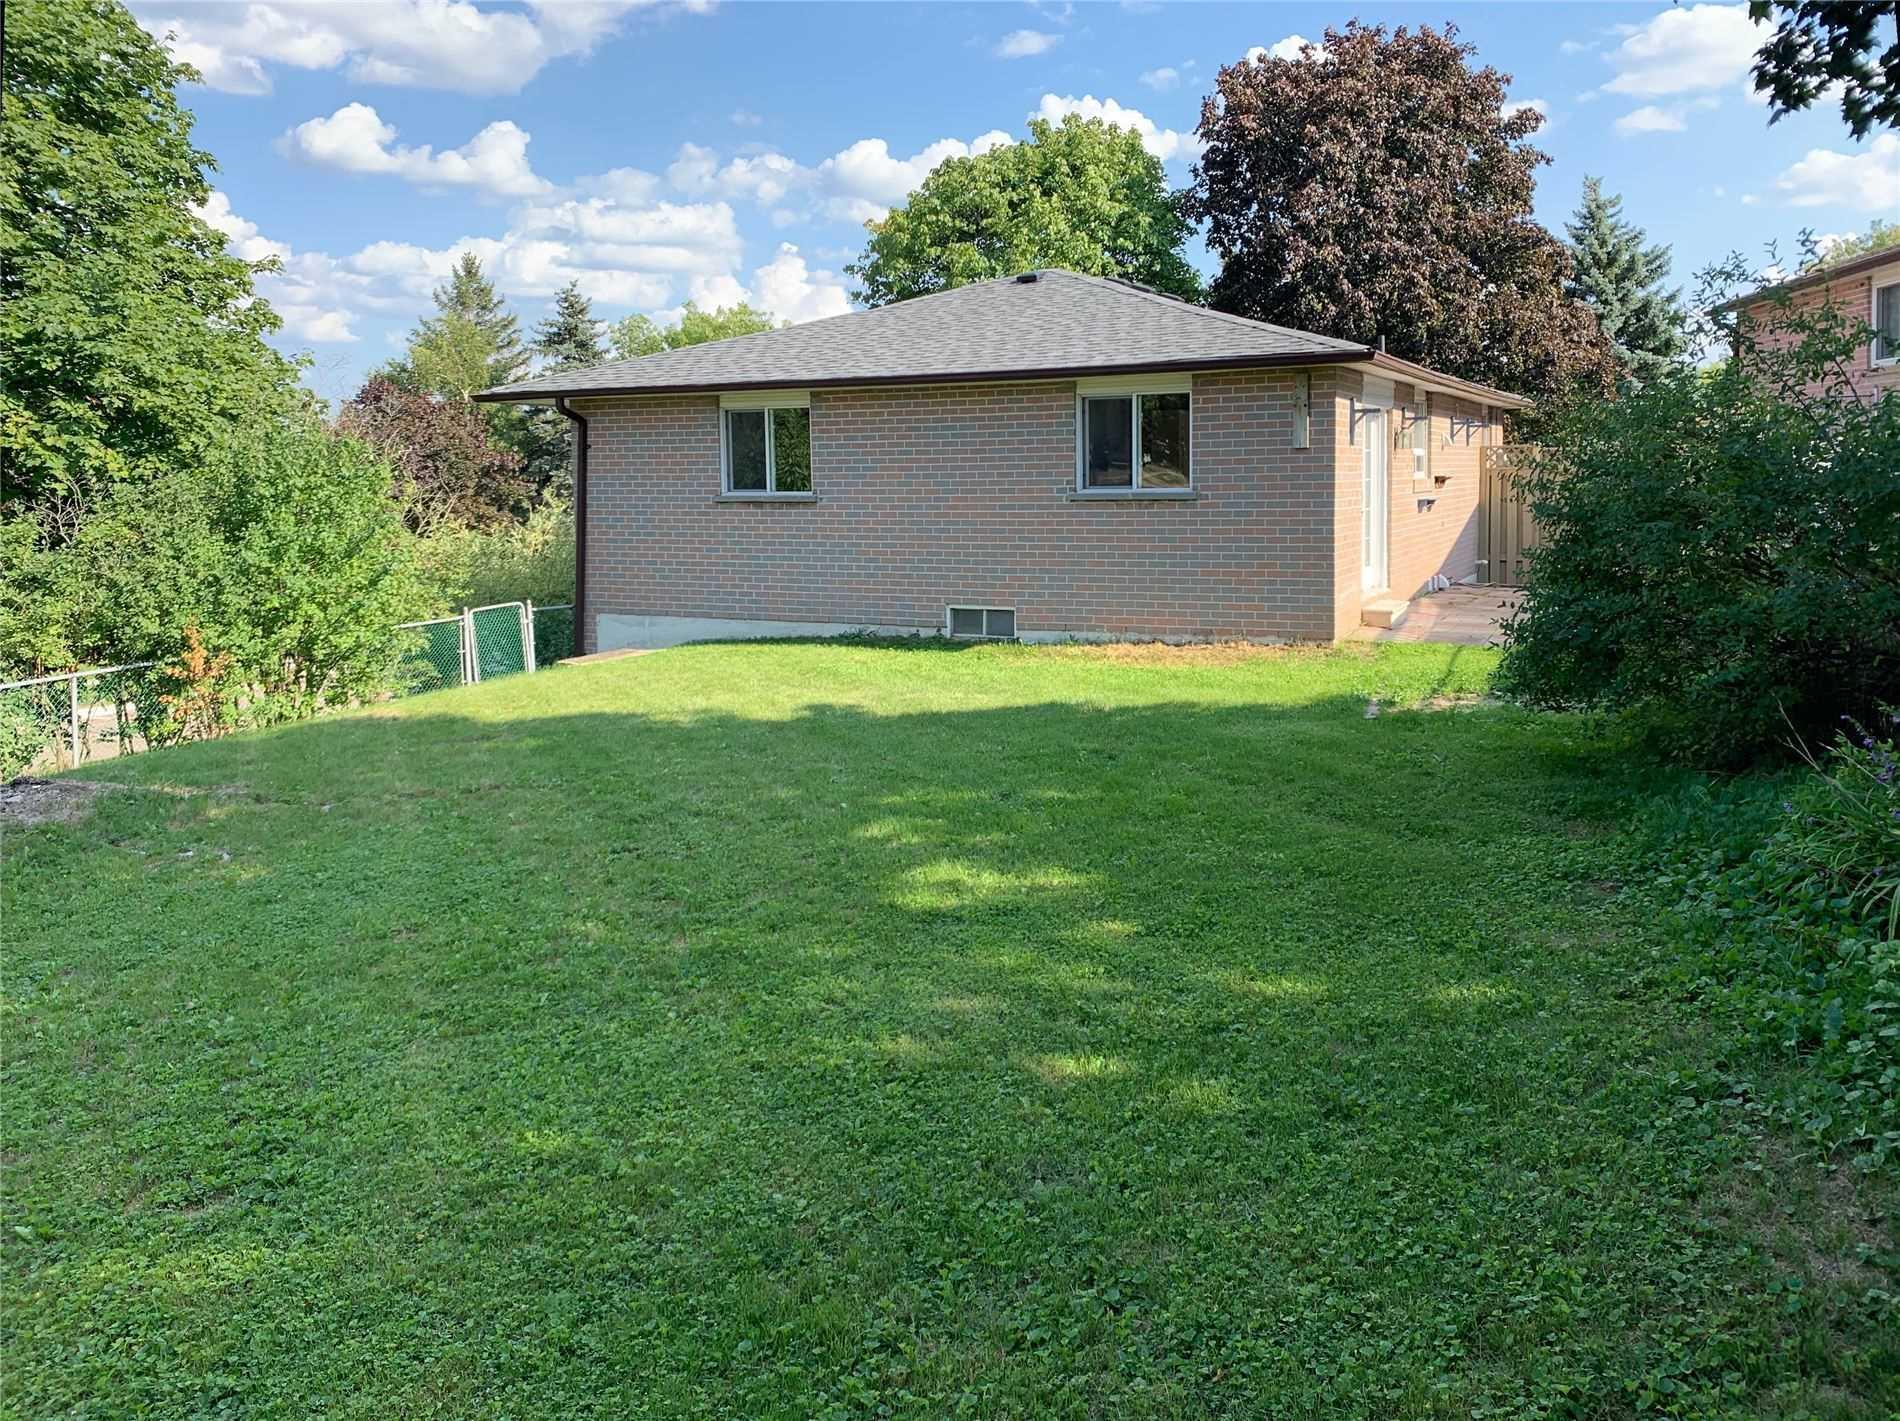 424 Dixon Blvd, Newmarket, Ontario L3Y5C4, 3 Bedrooms Bedrooms, 6 Rooms Rooms,2 BathroomsBathrooms,Detached,For Sale,Dixon,N4885477